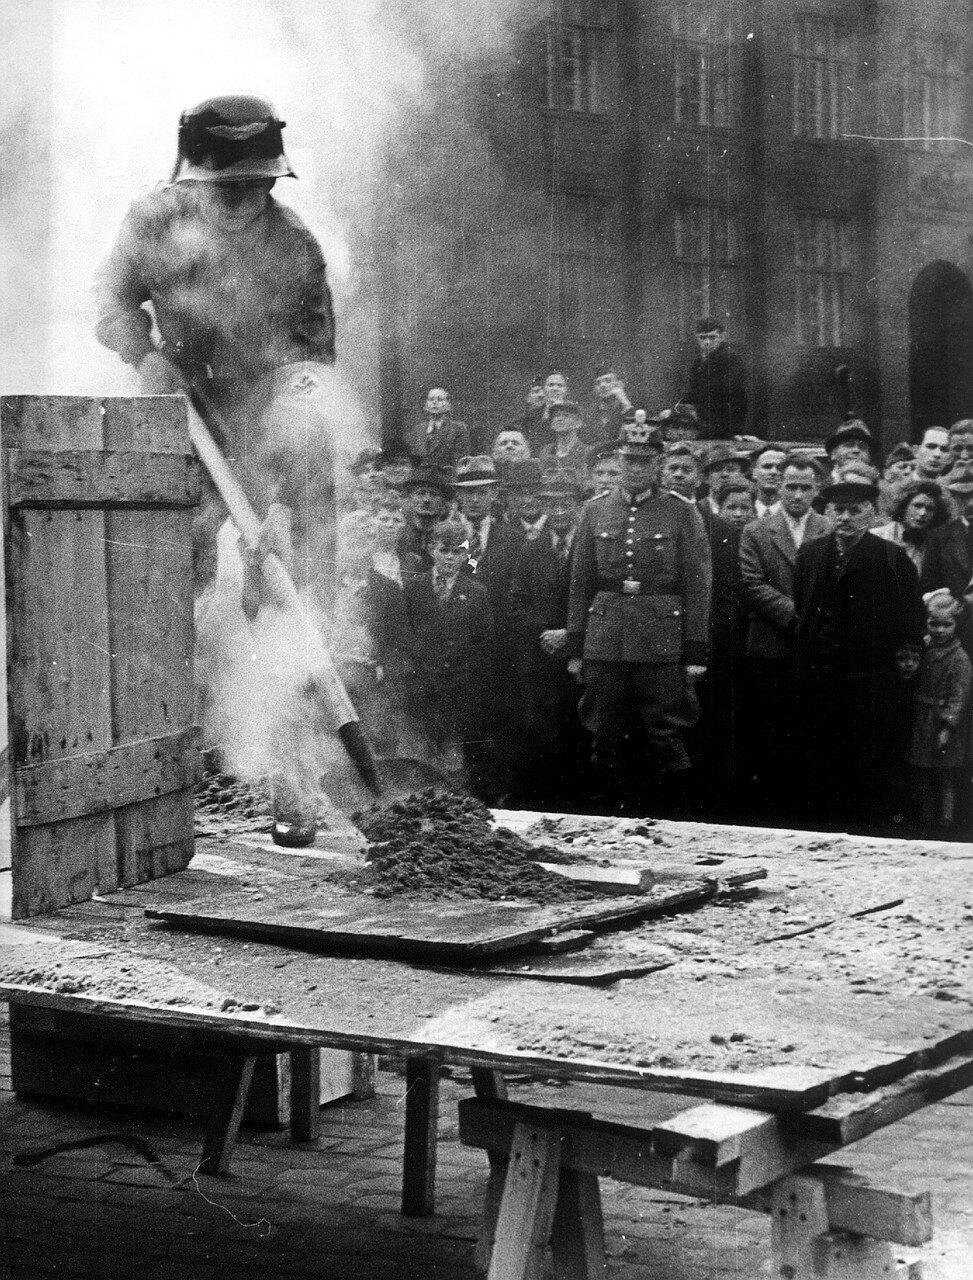 Гамбург. Занятия по противовоздушной обороне в связи с ростом бомбардировок немецких городов.  Горожан учат тушить зажигательные бомбы